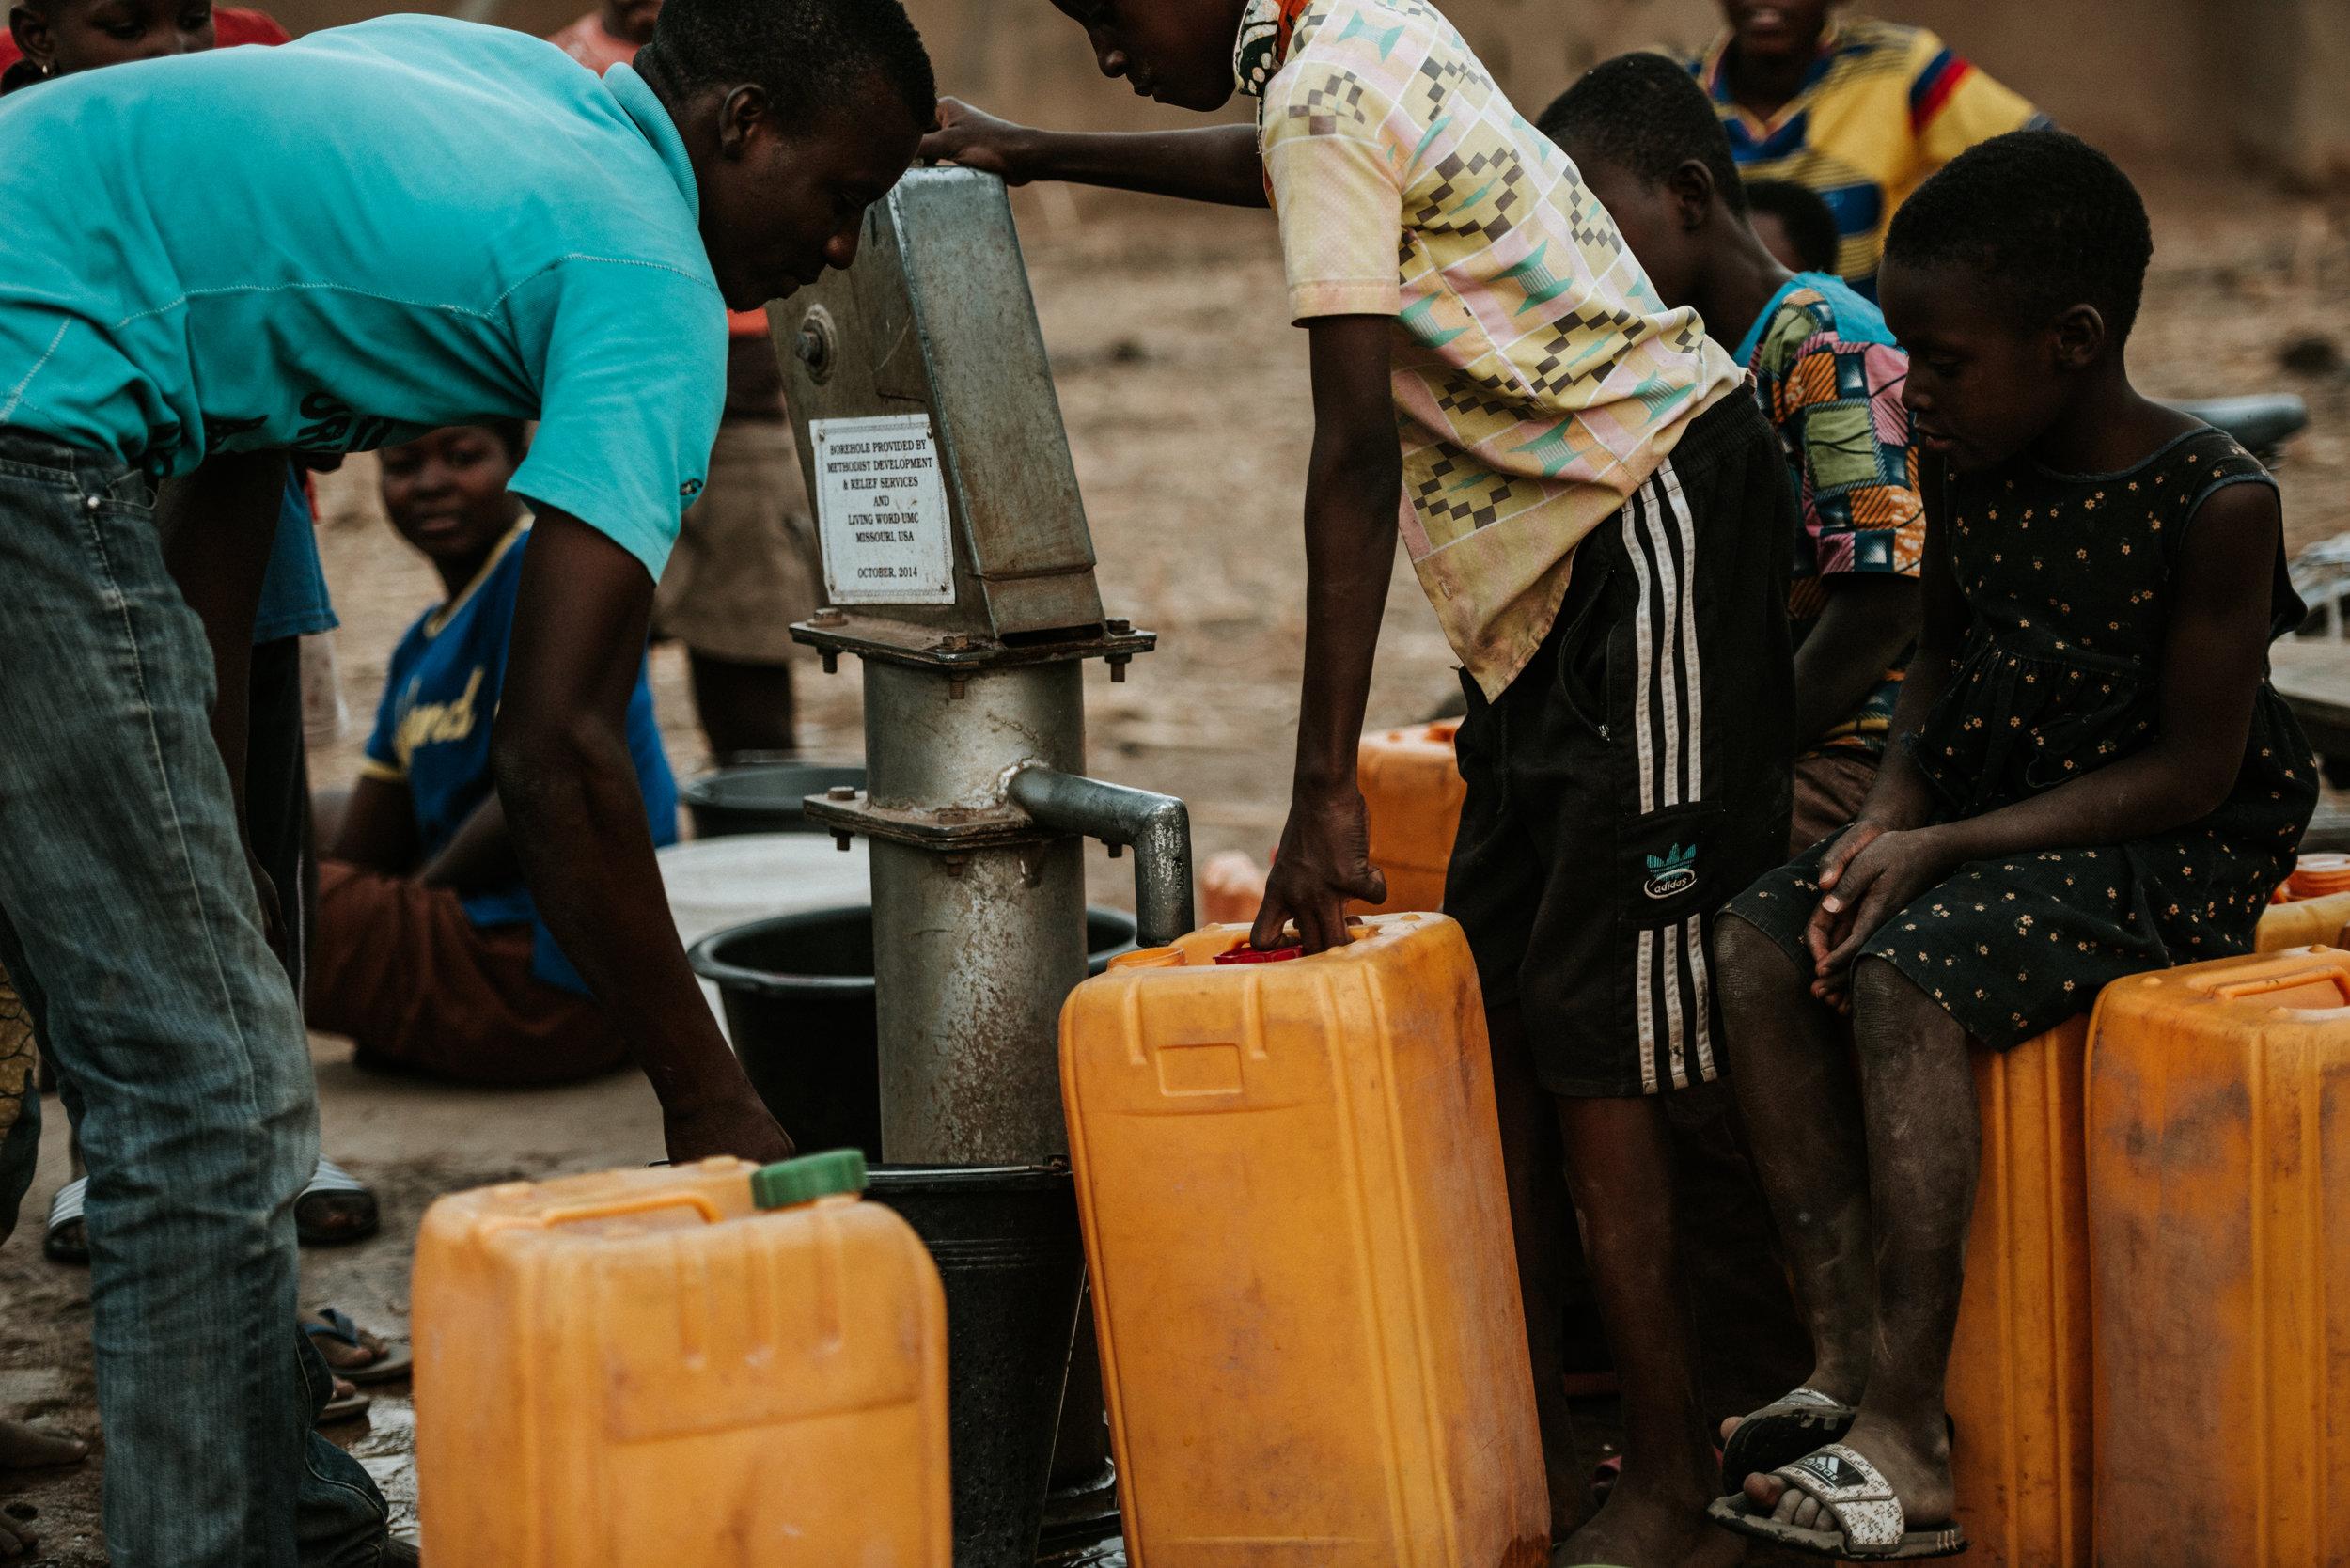 GHANA_AFRICA_HUMANITARIAN_PHOTOGRAPHY_TaraShupe_DSC_1664.jpg